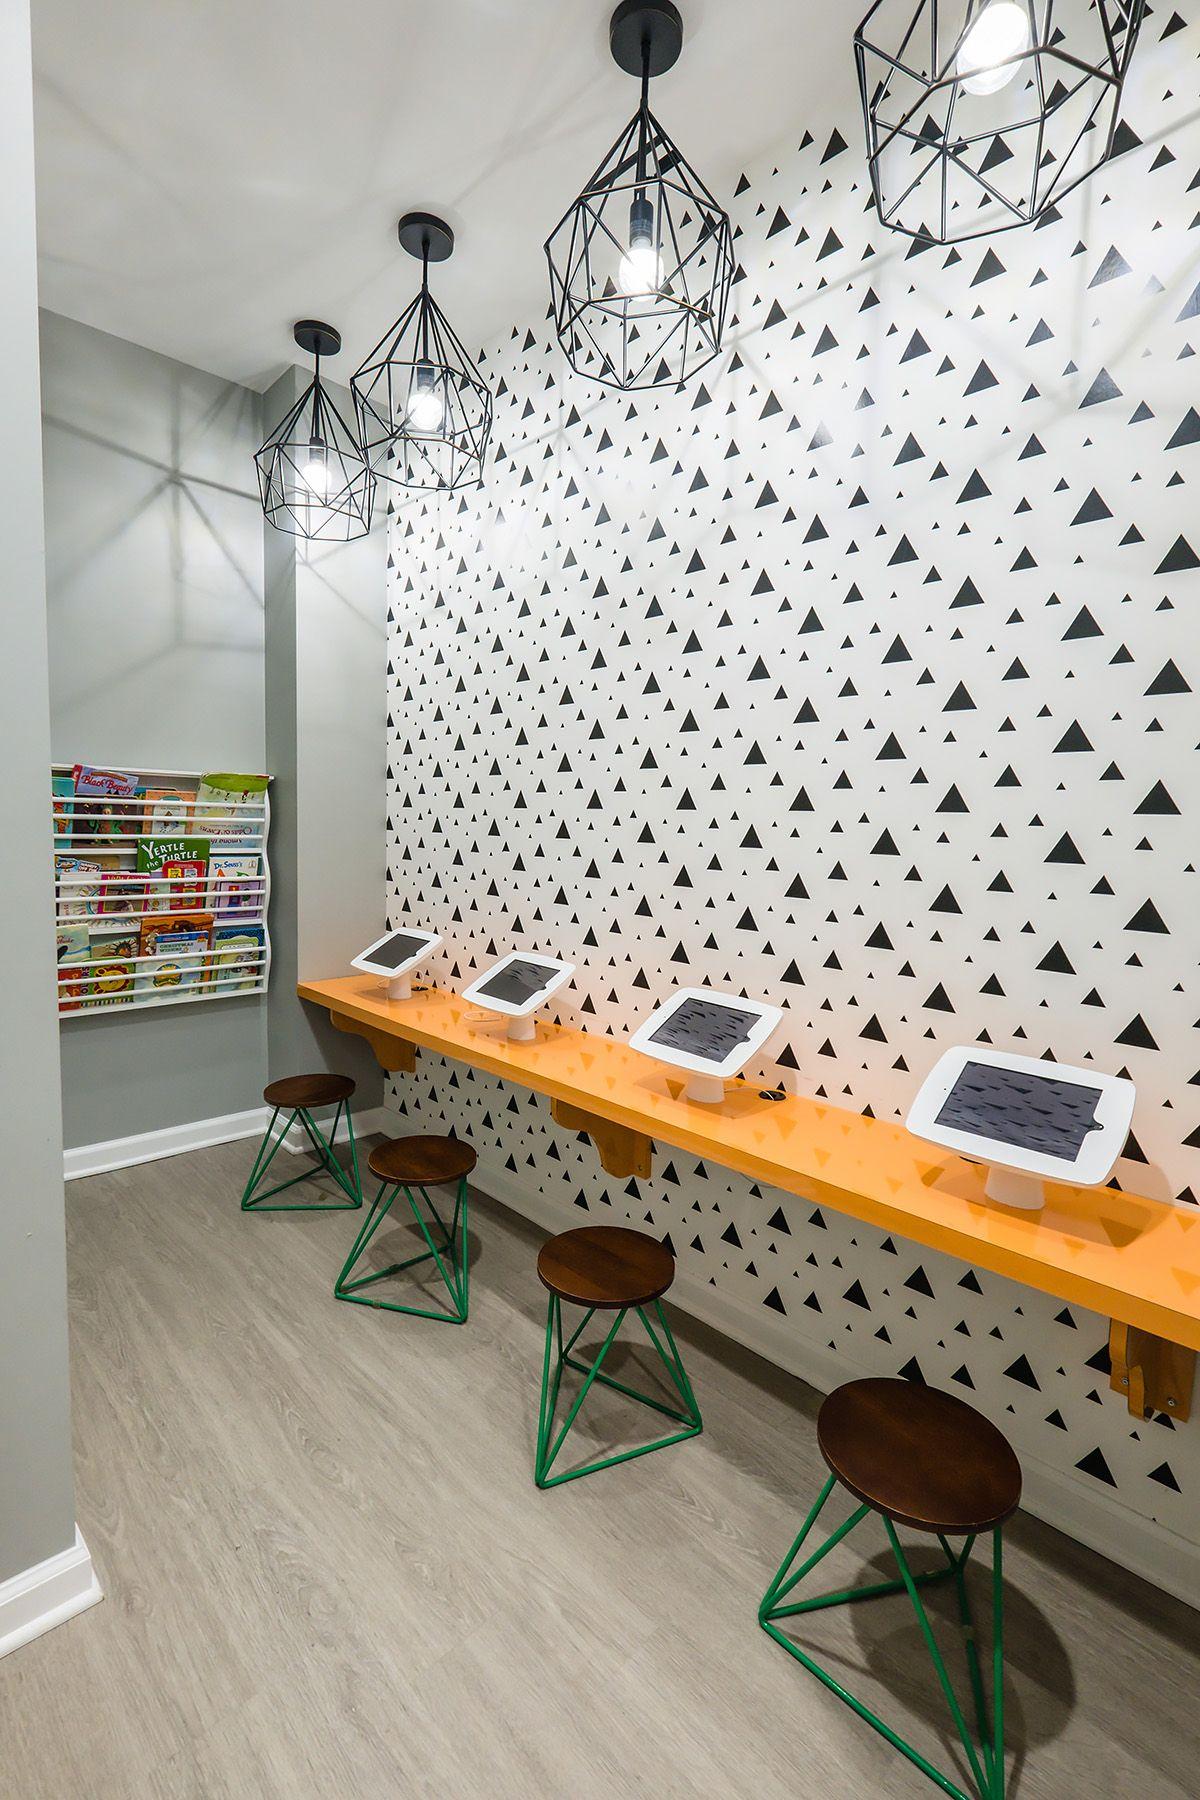 Columbia Pediatric dentistry in 2019 | S&S | Dental office decor